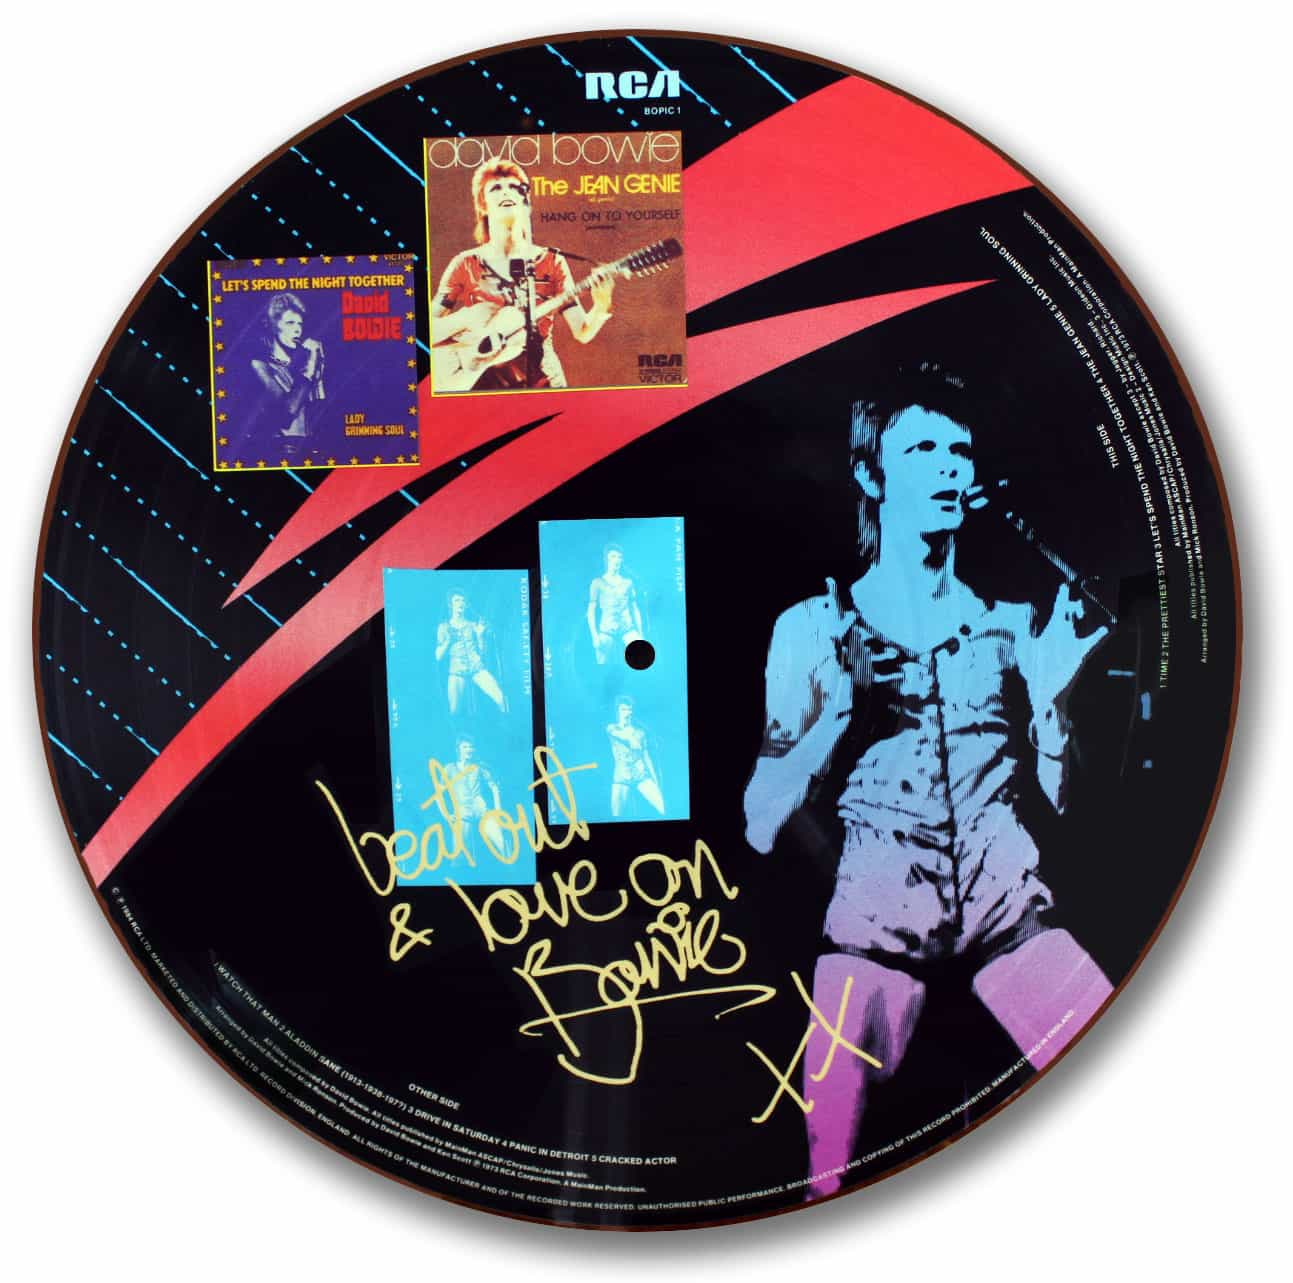 David Bowie Aladdin Sane The Vinyl Underground